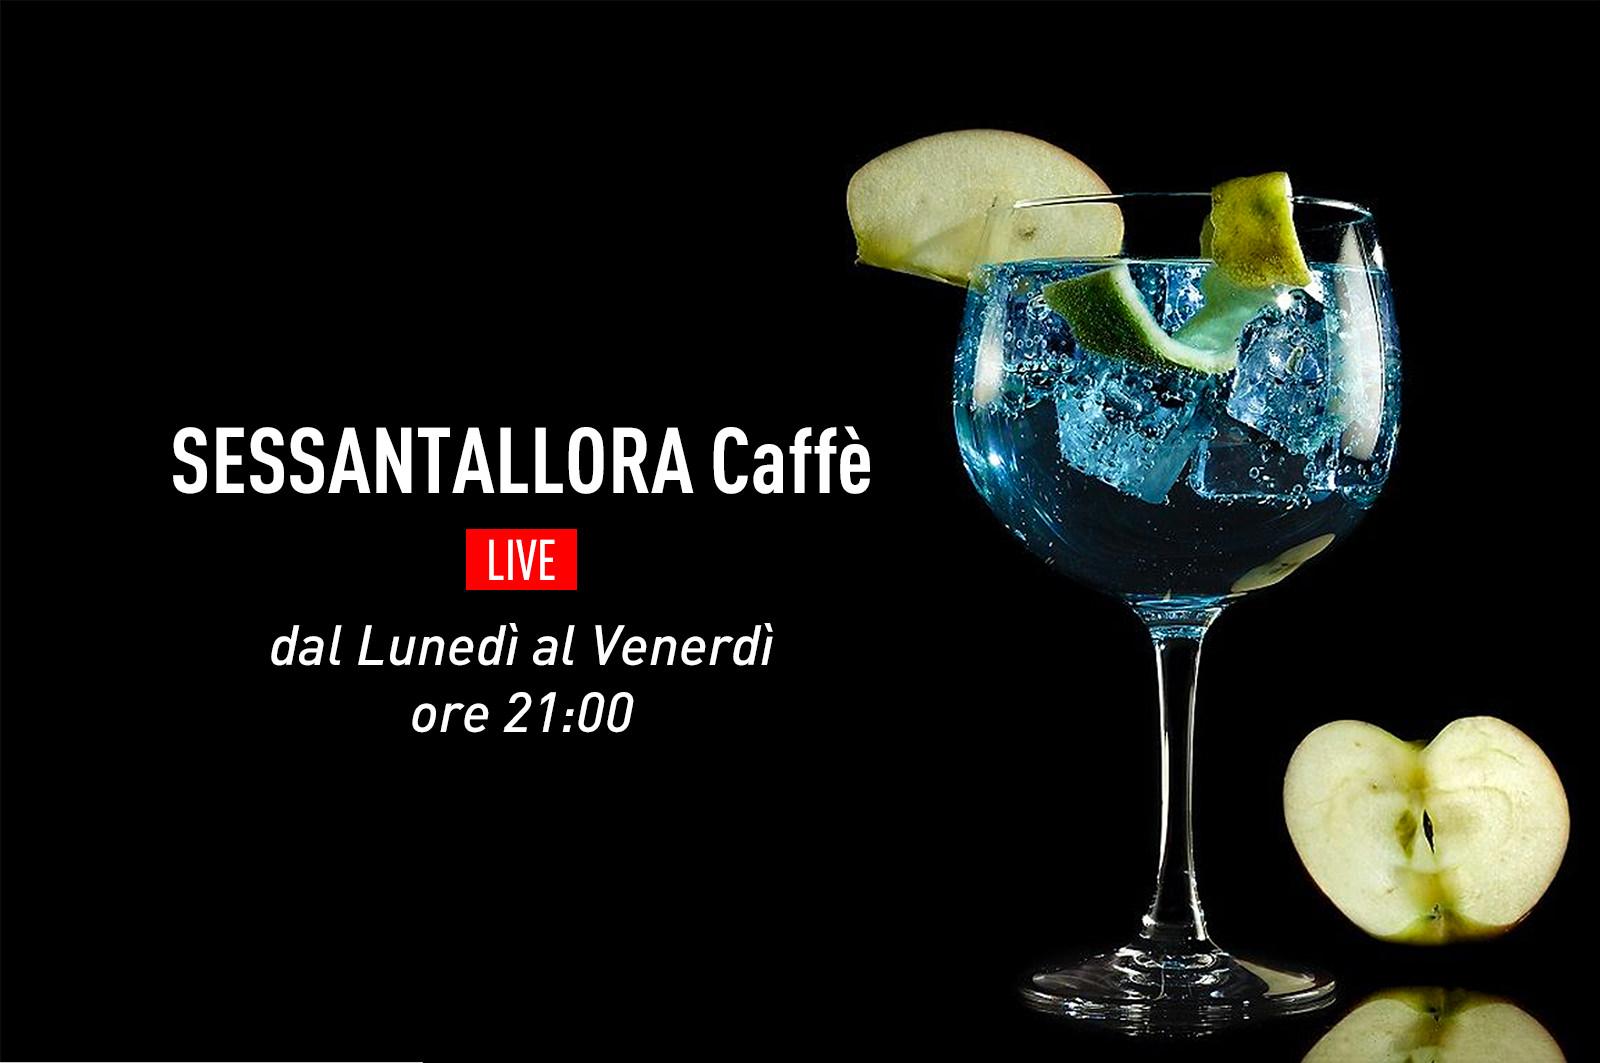 Sessantallora Caffè - Gli appuntamenti dal 27/04 al 01/05